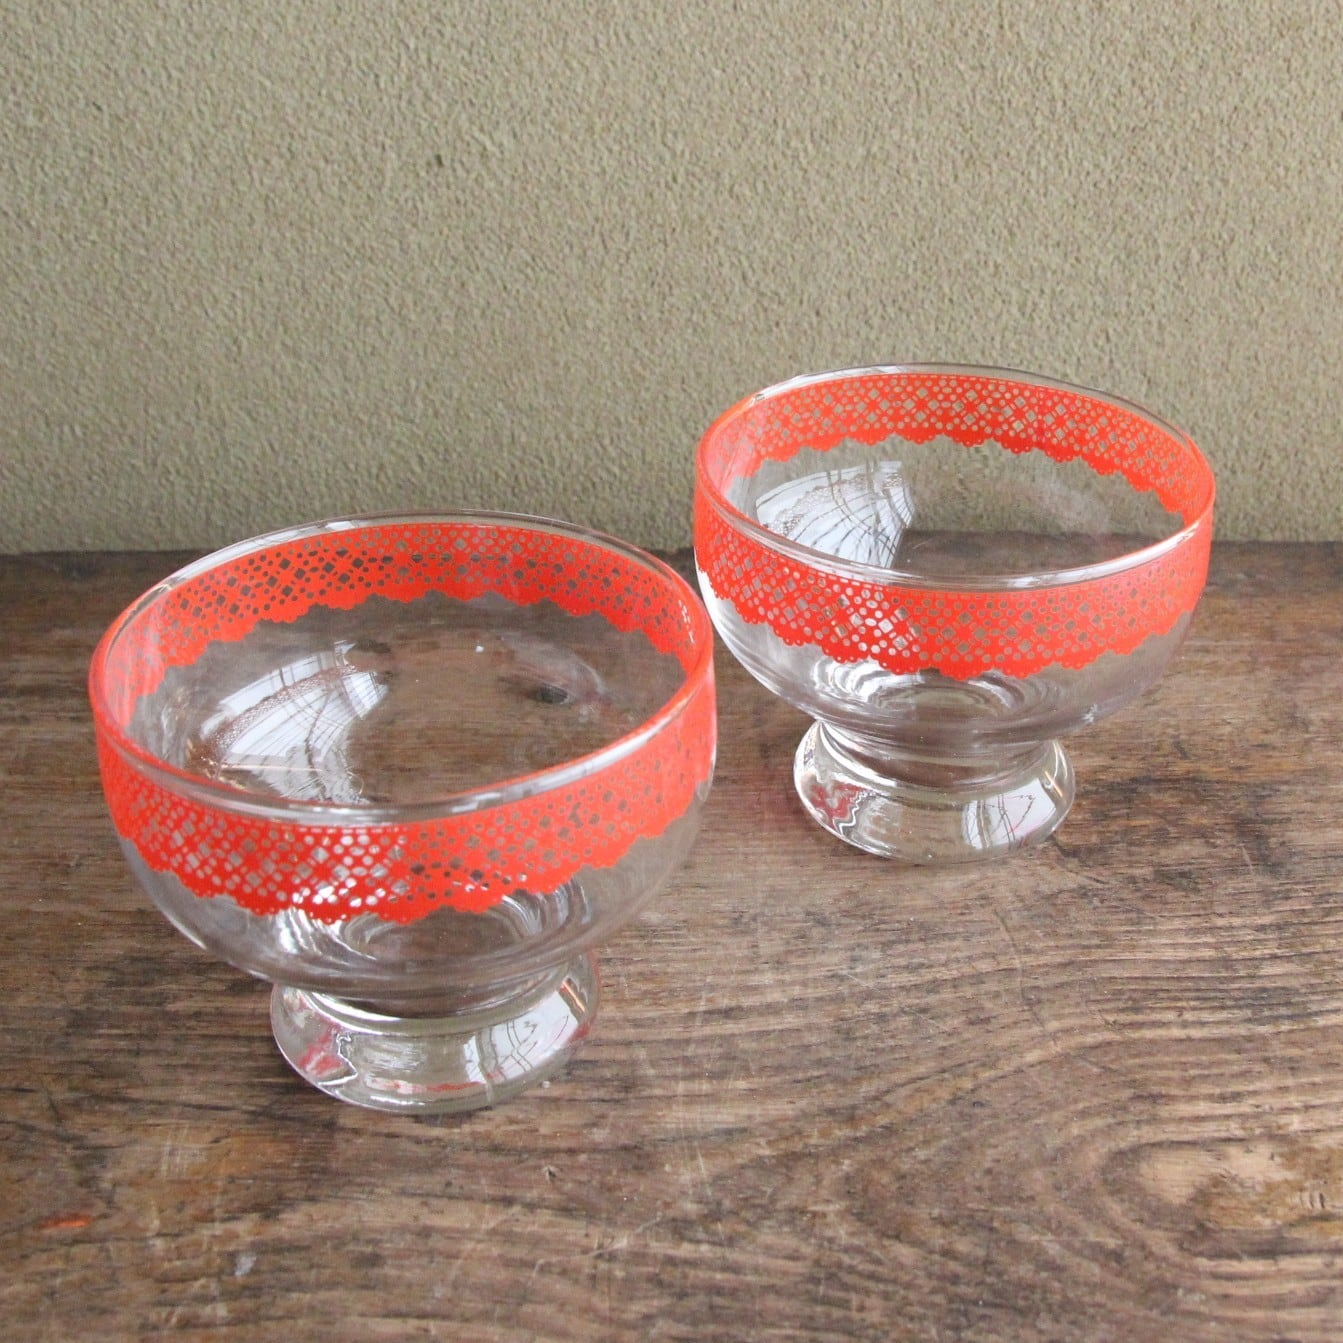 ペア レース柄のレトロなデザートグラス